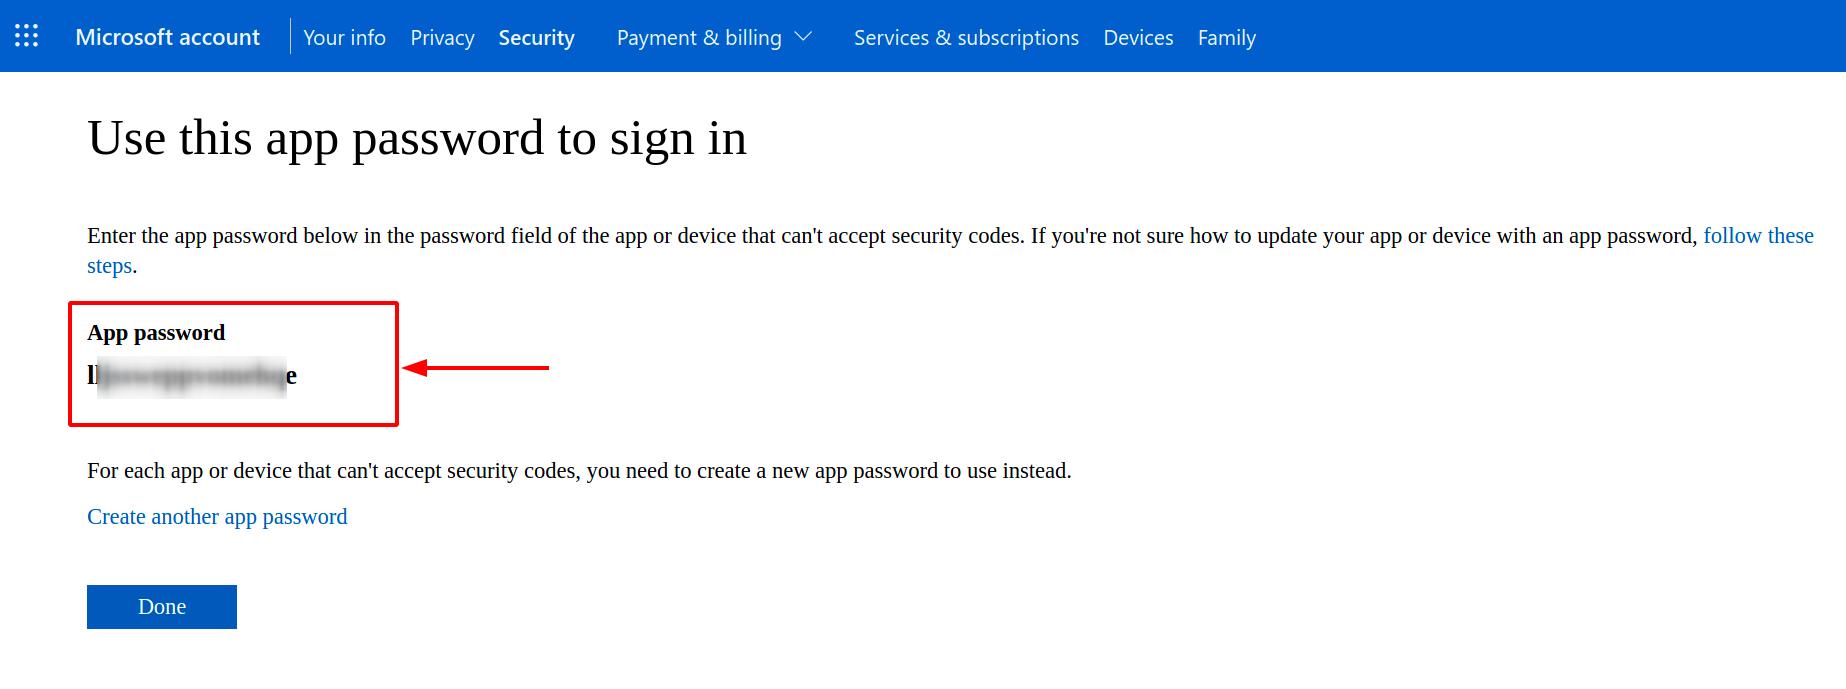 Copy the app password